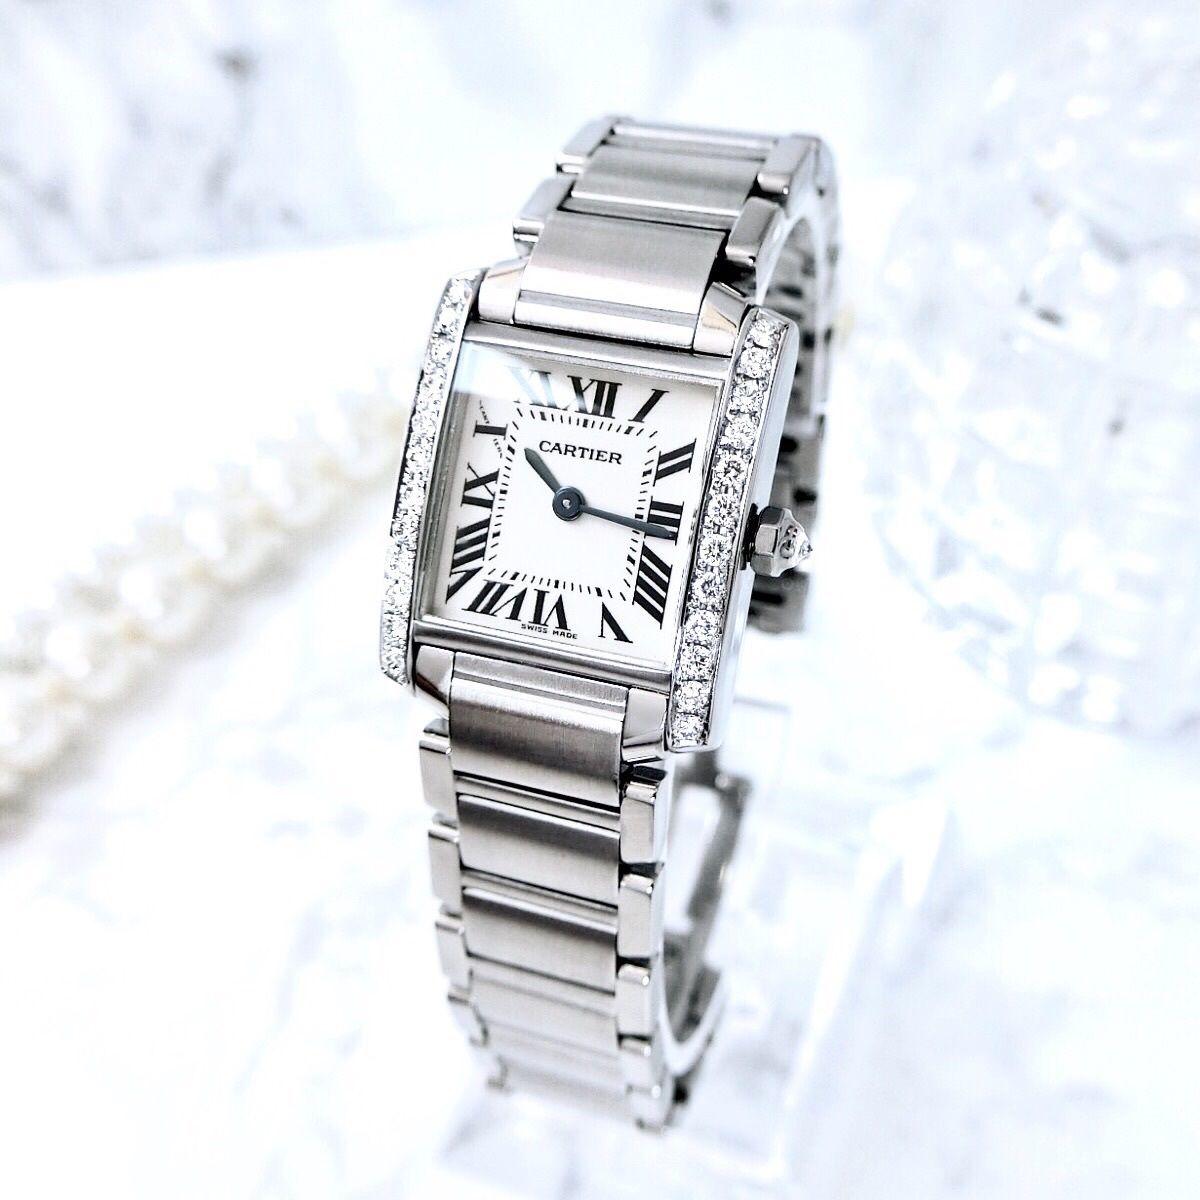 Cartier カルティエ OH済み タンクフランセーズ SM 25P 高級天然ダイヤモンド クォーツ レディース 腕時計